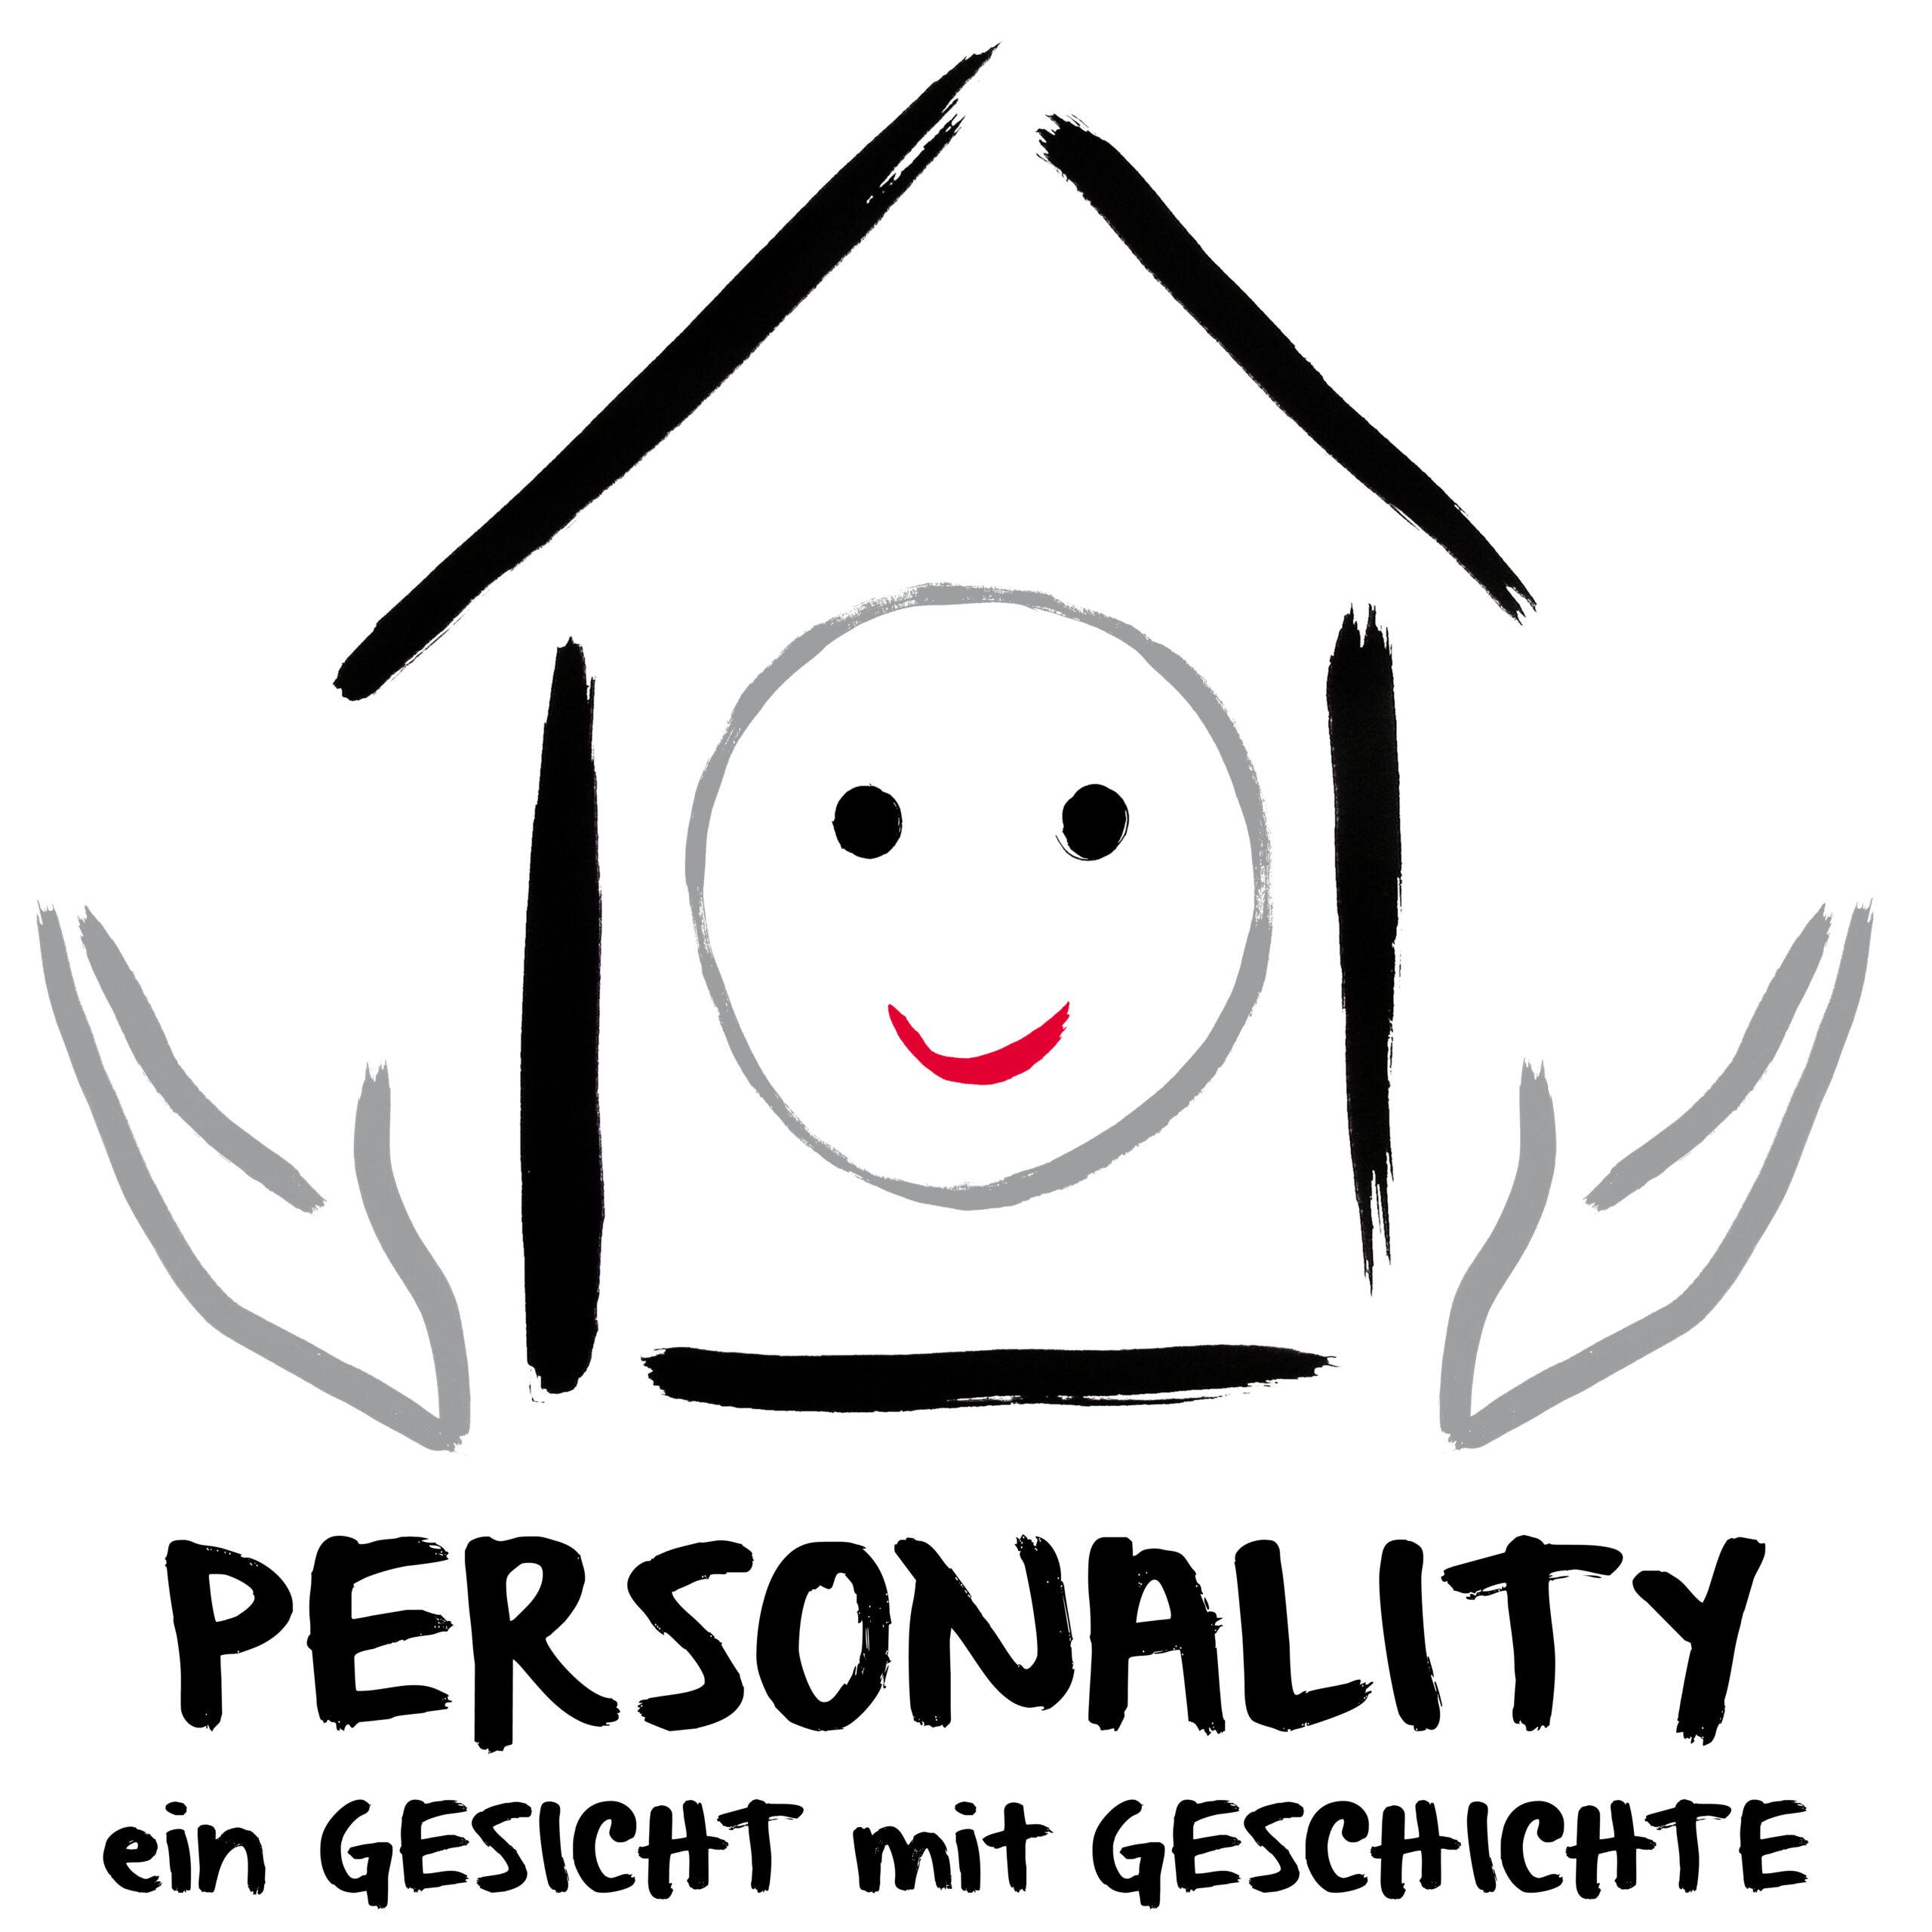 PERSONALITY - ein GESICHT mit GESCHICHTE